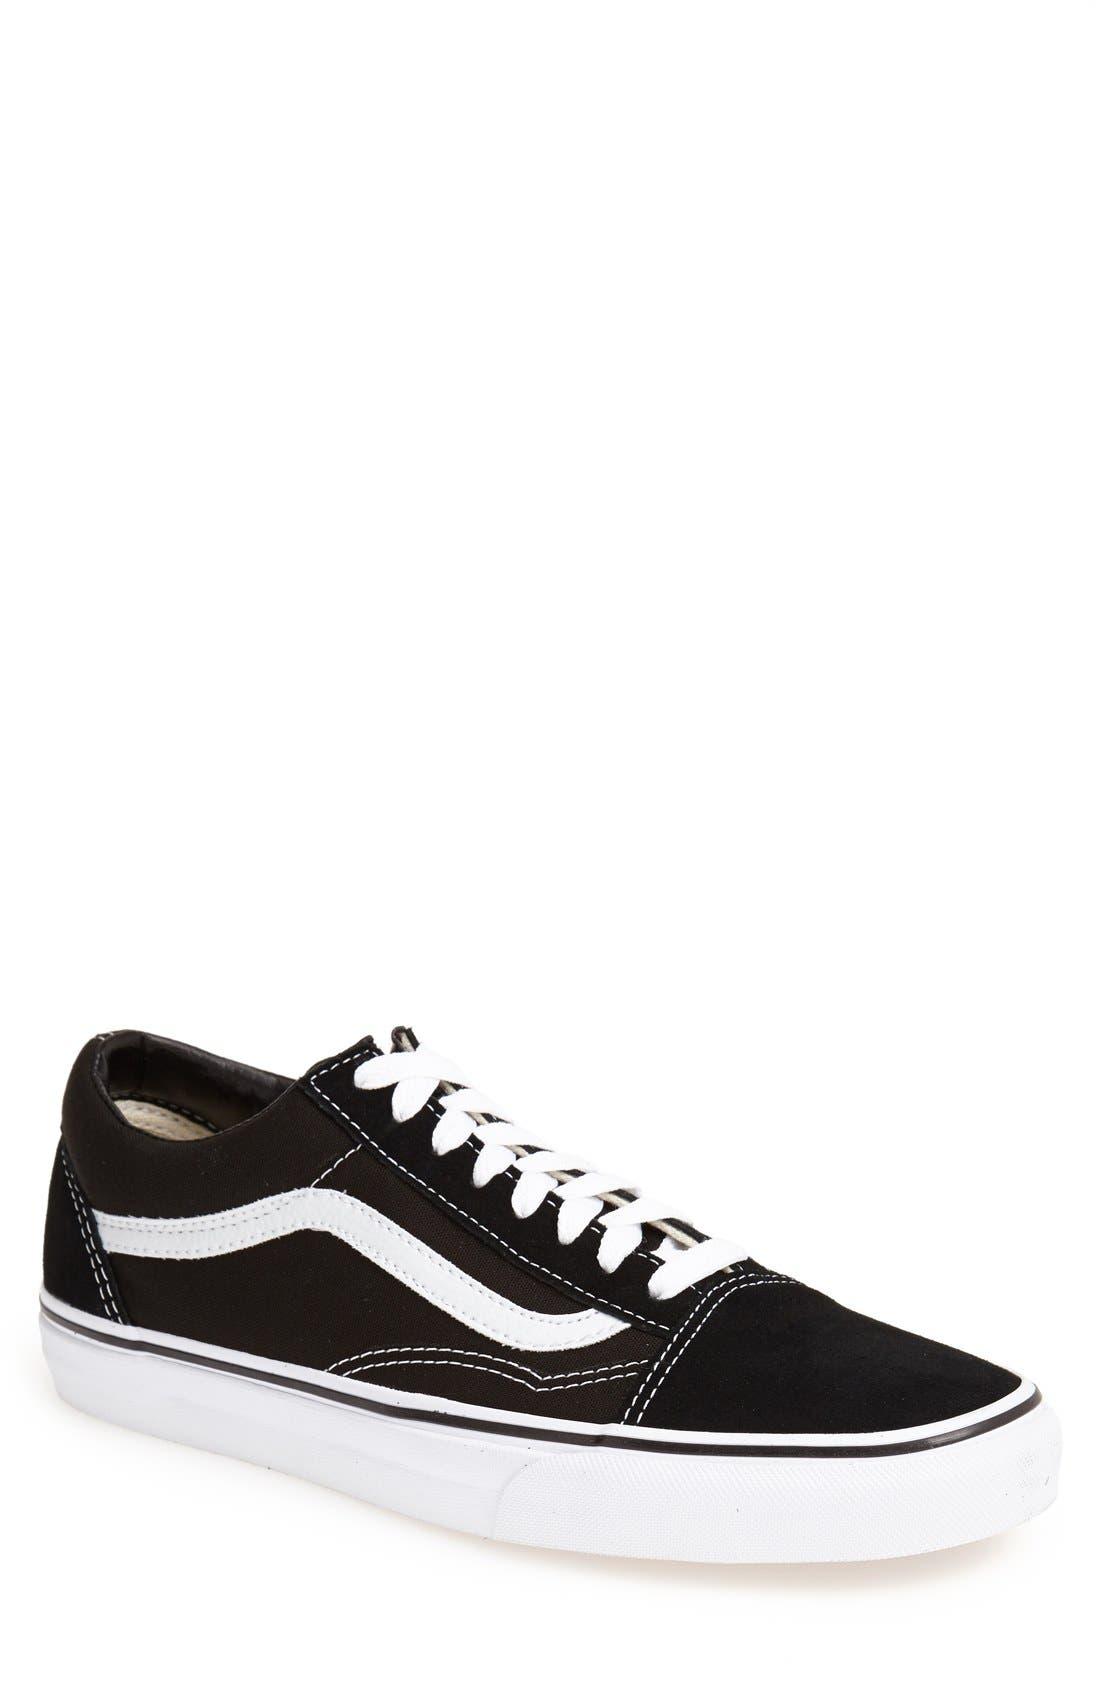 VANS 'Old Skool' Sneaker